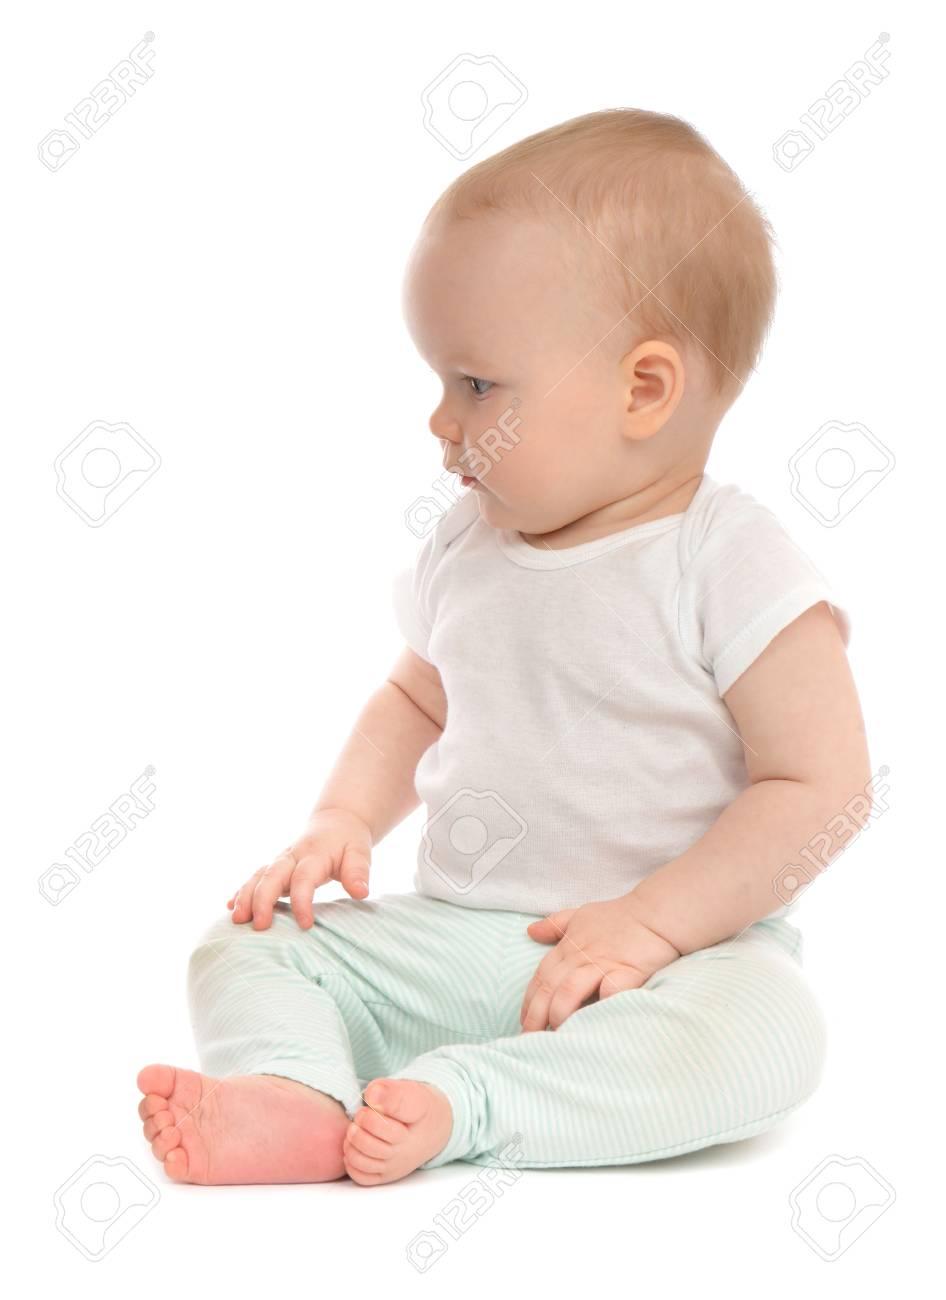 c4815b667d663 Bébé enfant en bas âge assis sourire heureux sur un fond blanc Banque  d'images